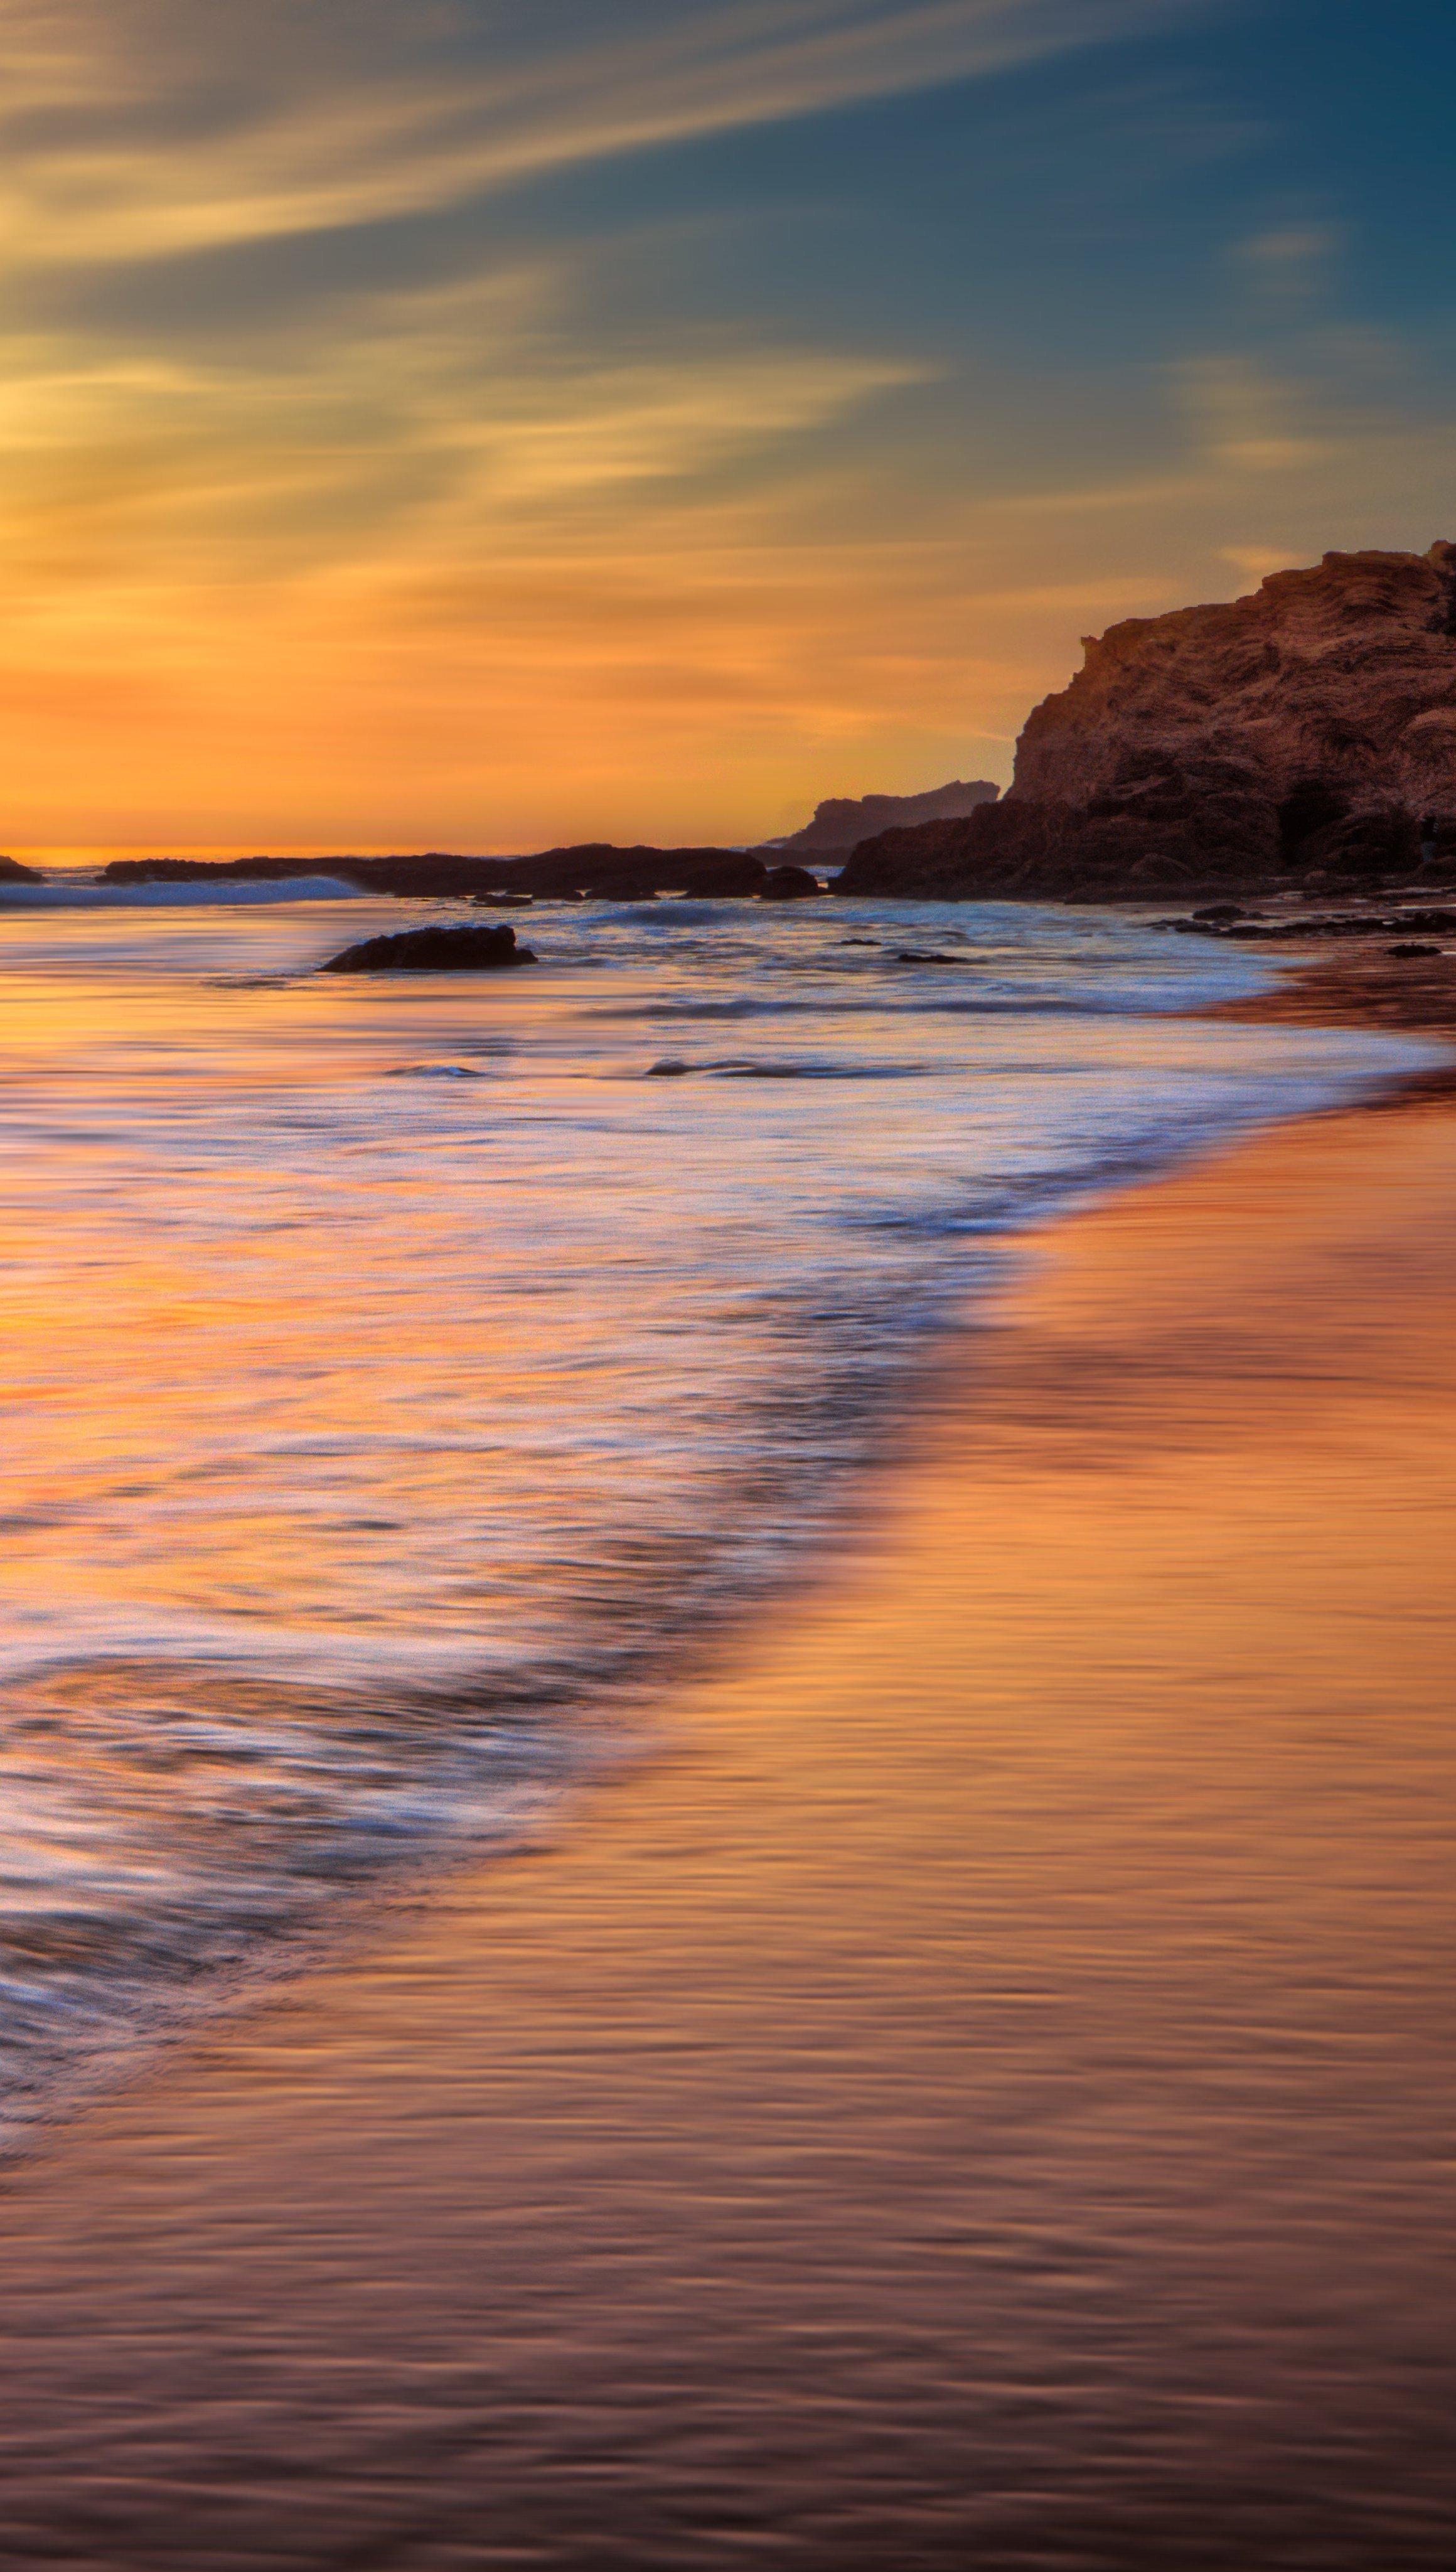 Fondos de pantalla El oceano de California al atardecer Vertical